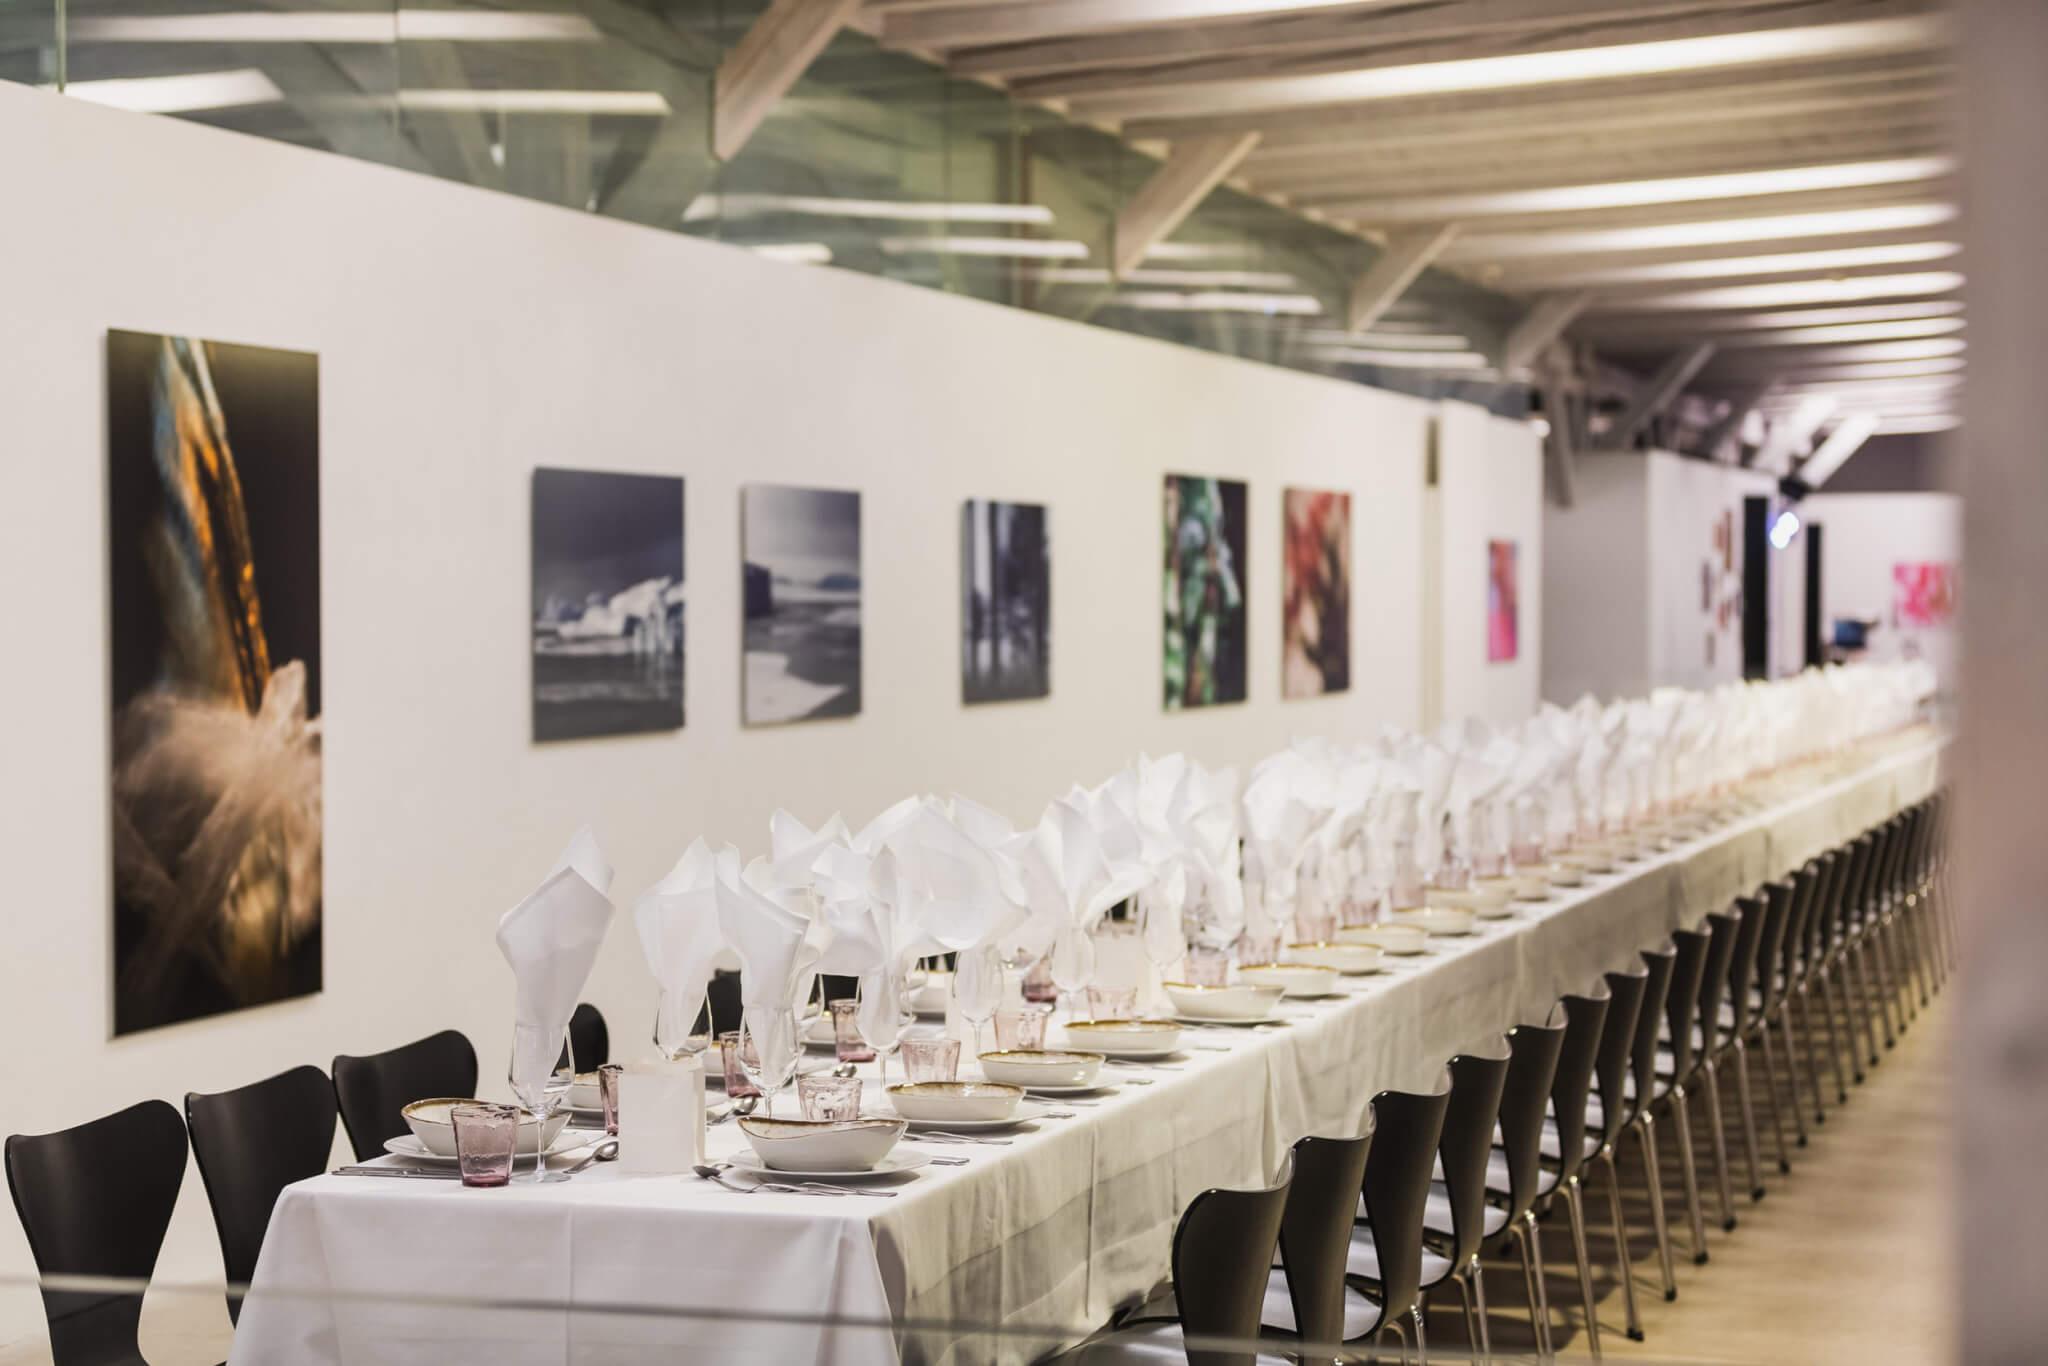 Bussiness Event mit Essen an langem Tisch